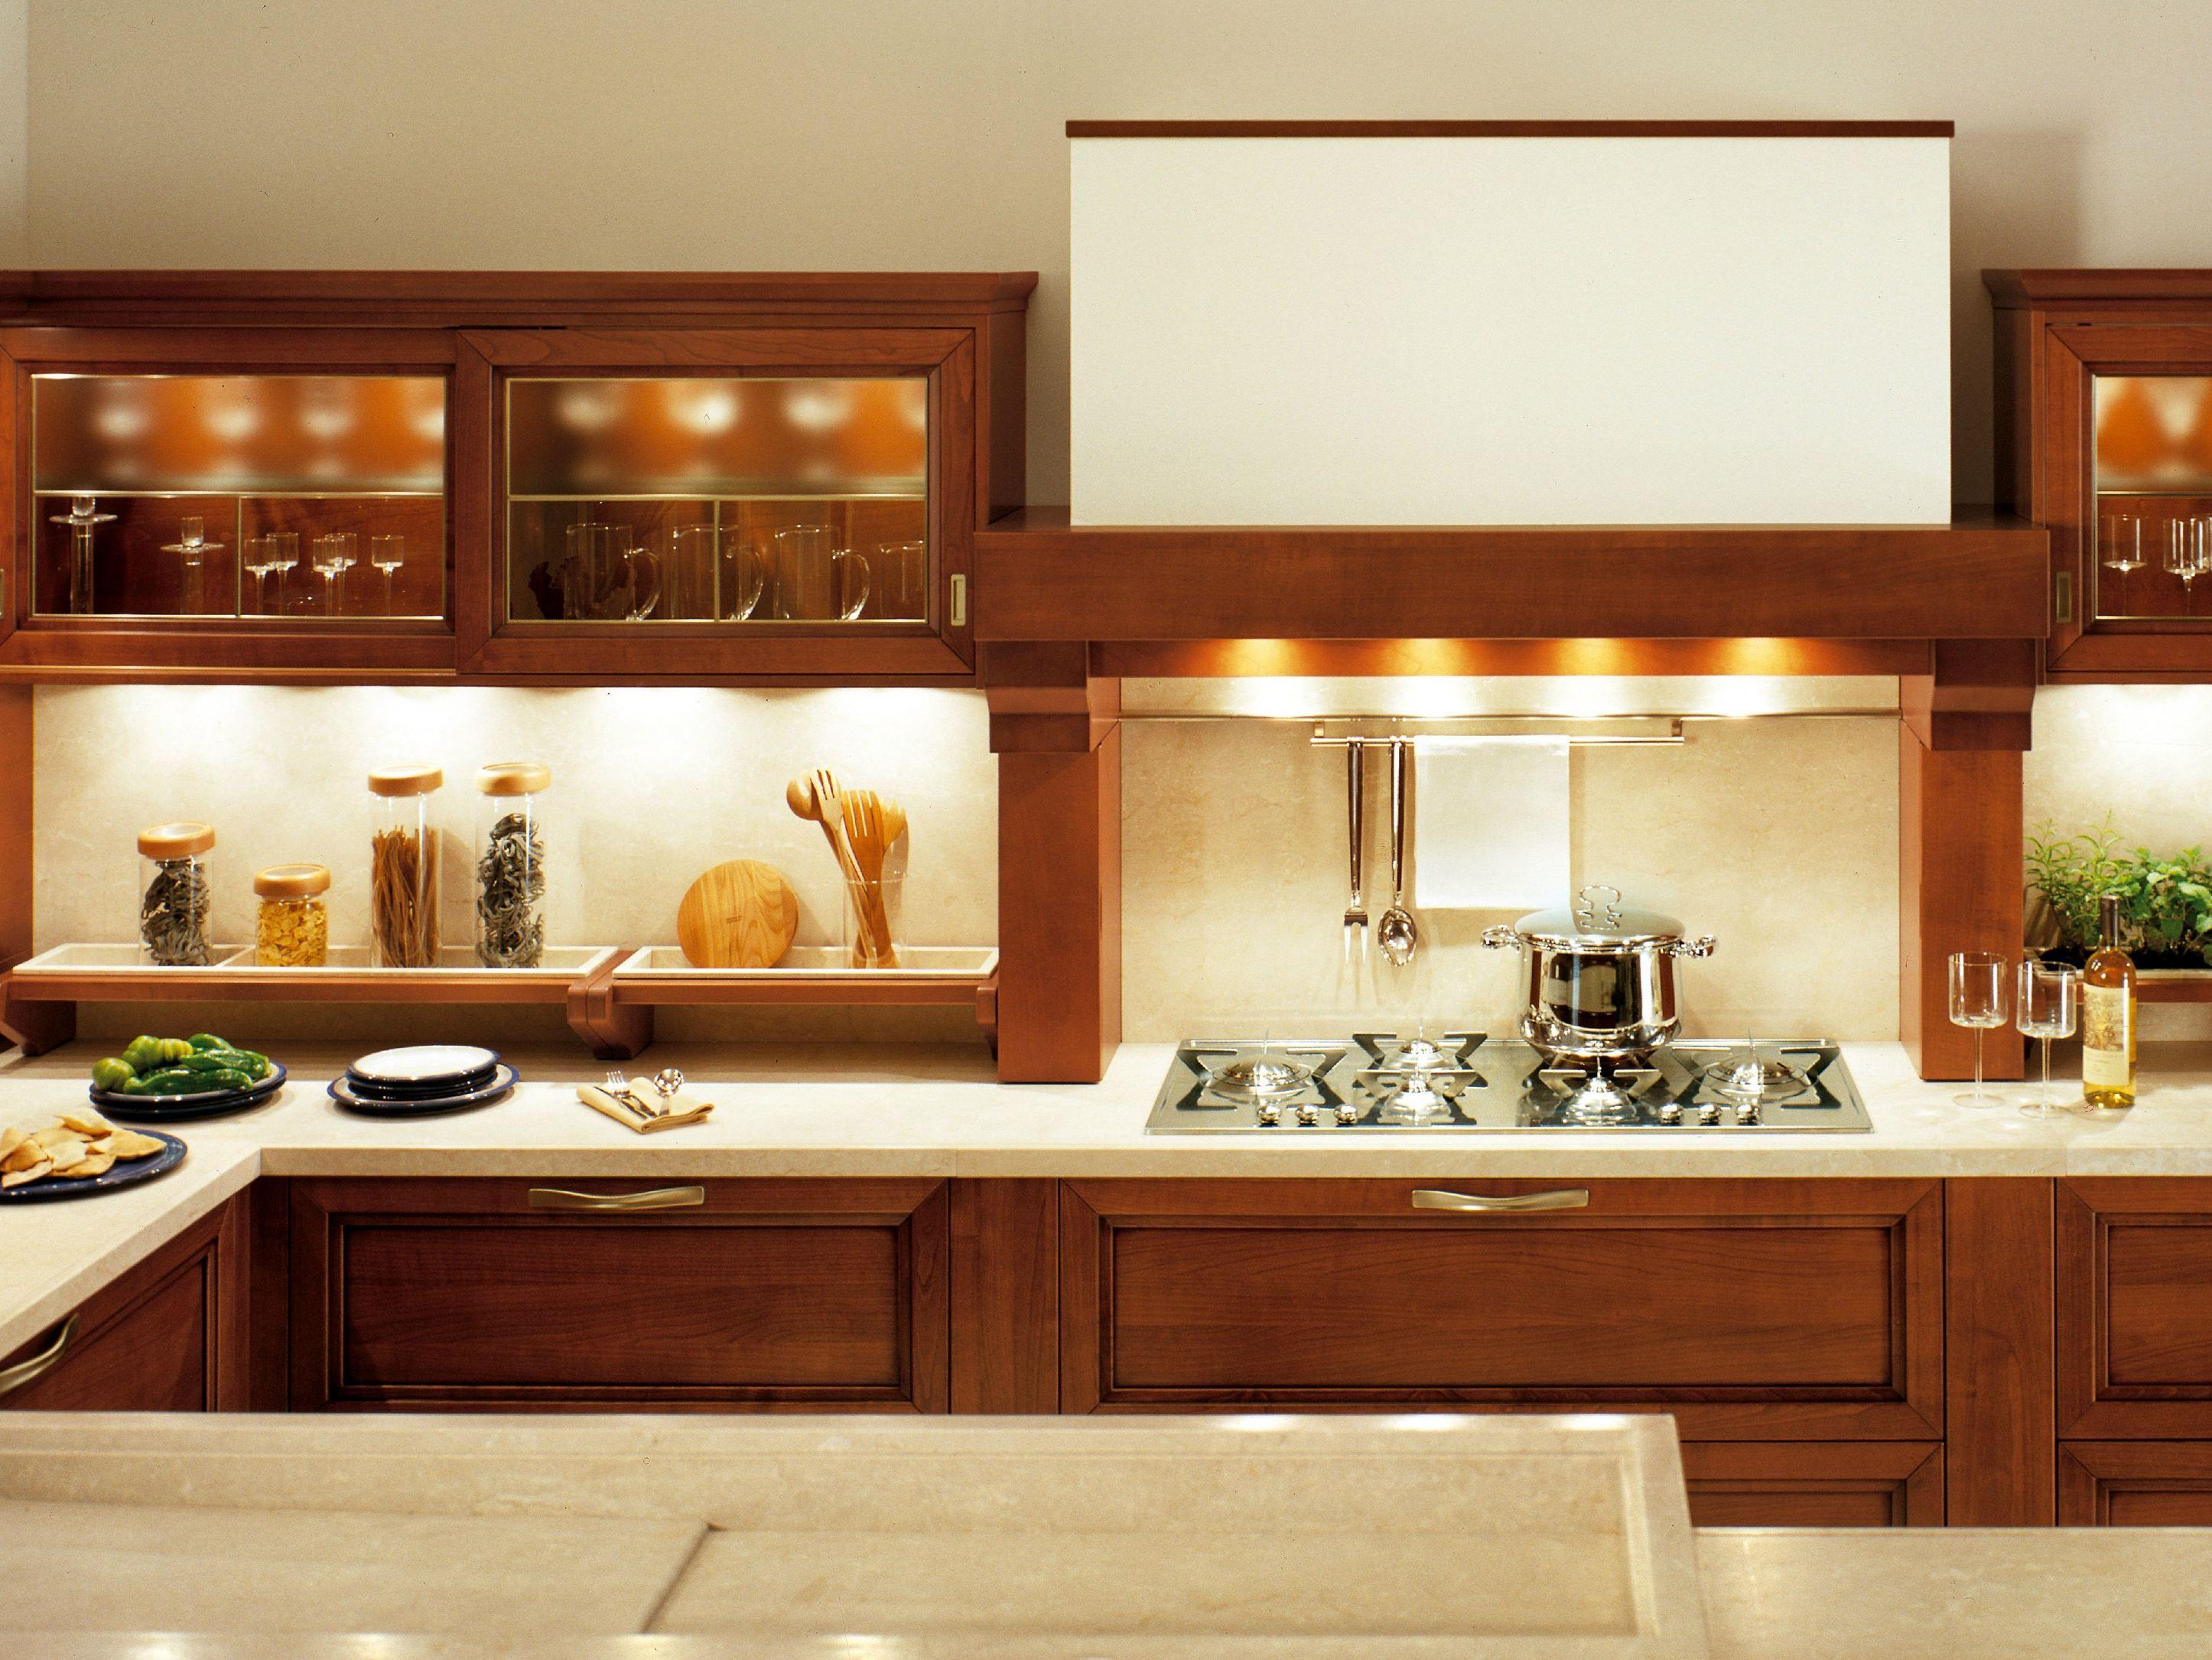 Cocina integral normal fabricante de cocinas integrales for Ideas diseno cocina